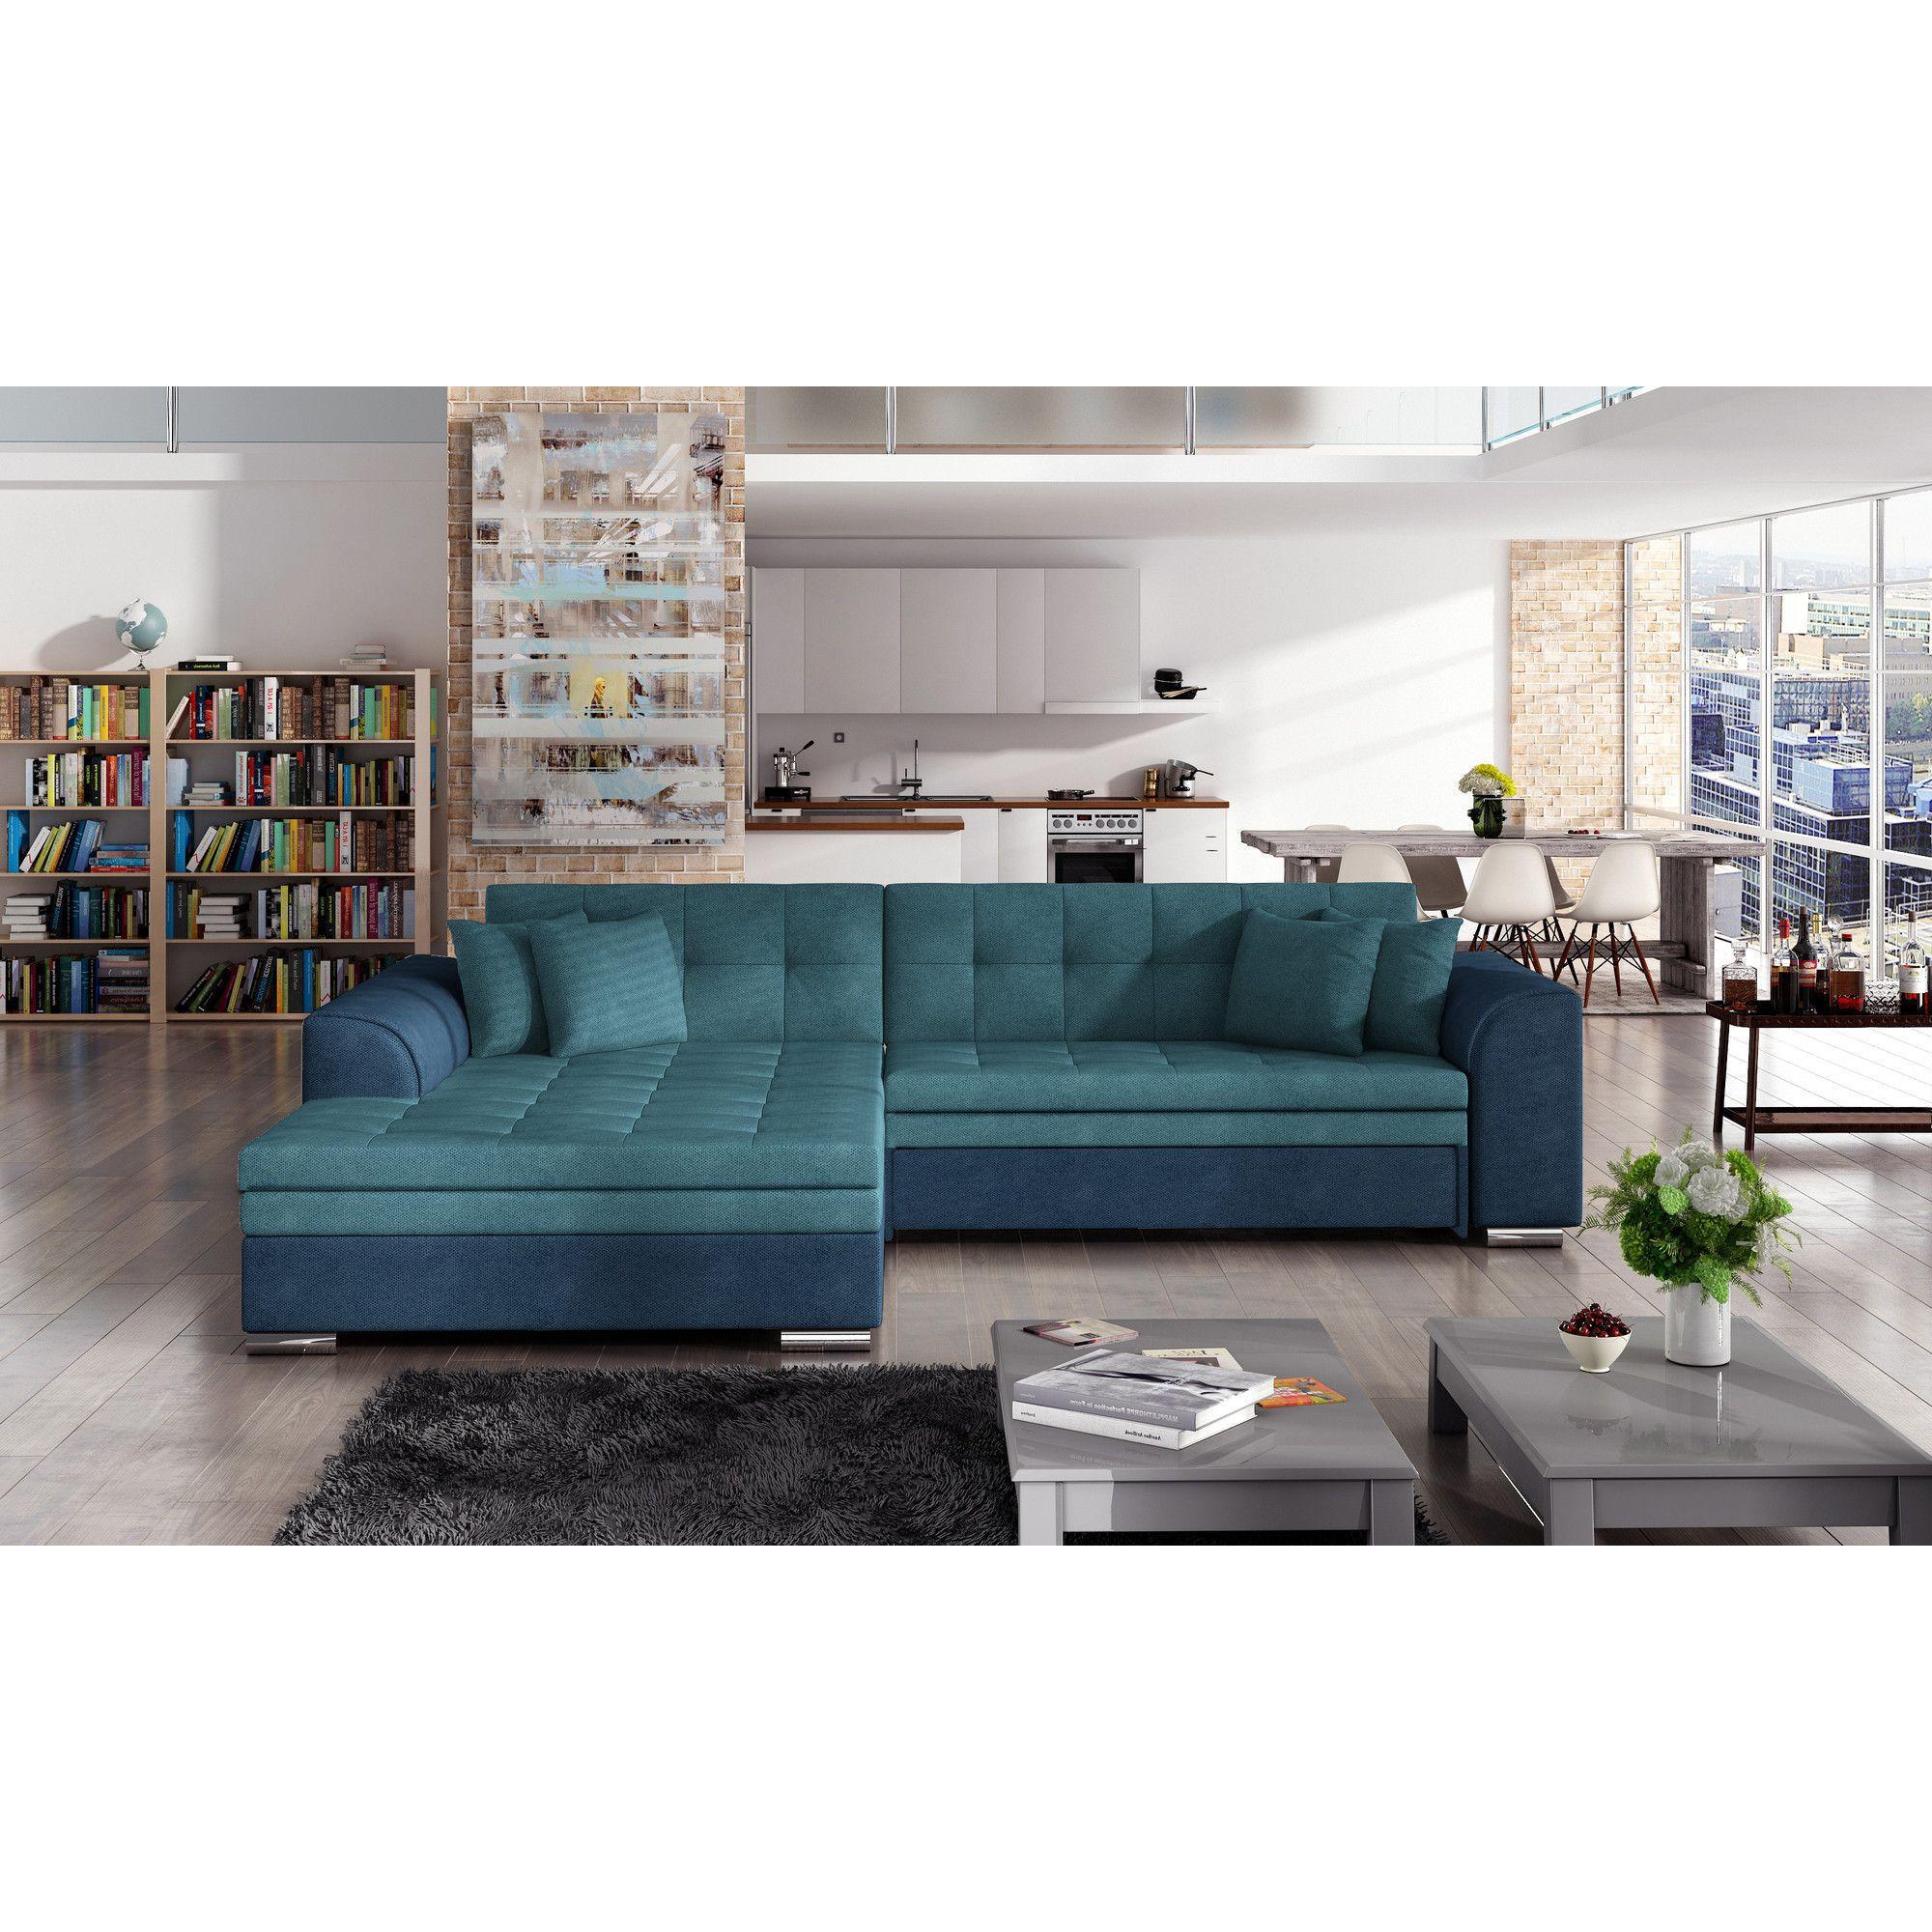 Canapé d angle convertible 4 places en tissu turquoise et